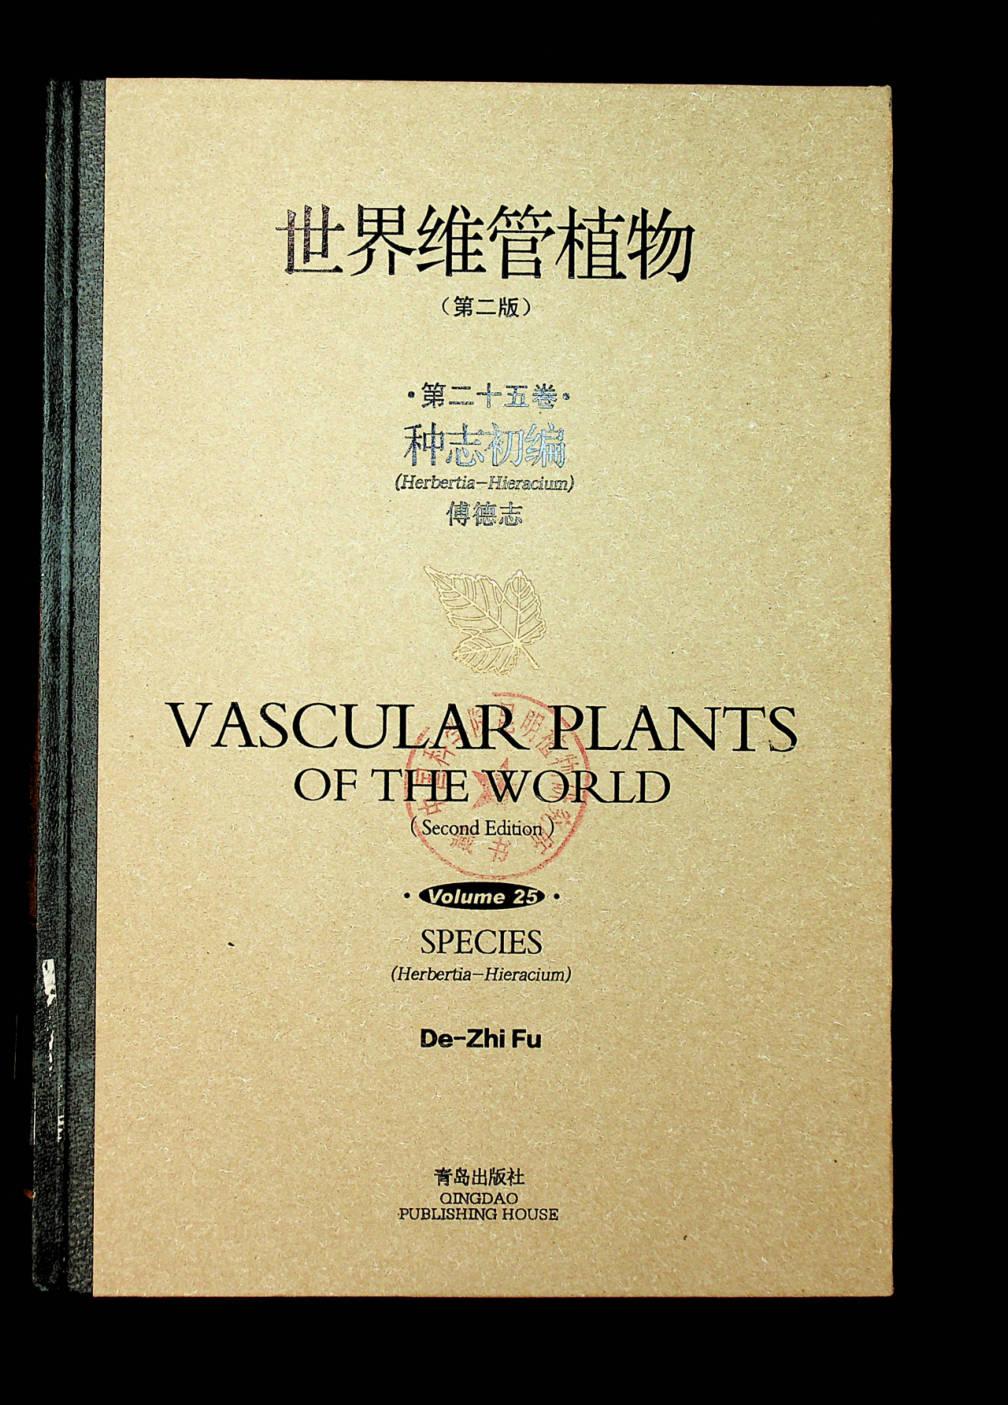 世界维管植物 第二版 第二十五卷 种志初编  (Herbertia-Hieracium)  VASCULAR PLANTS OF THE WORLD (Second Edition) Volume 25 SPECIES (Herbertia-Hieracium)